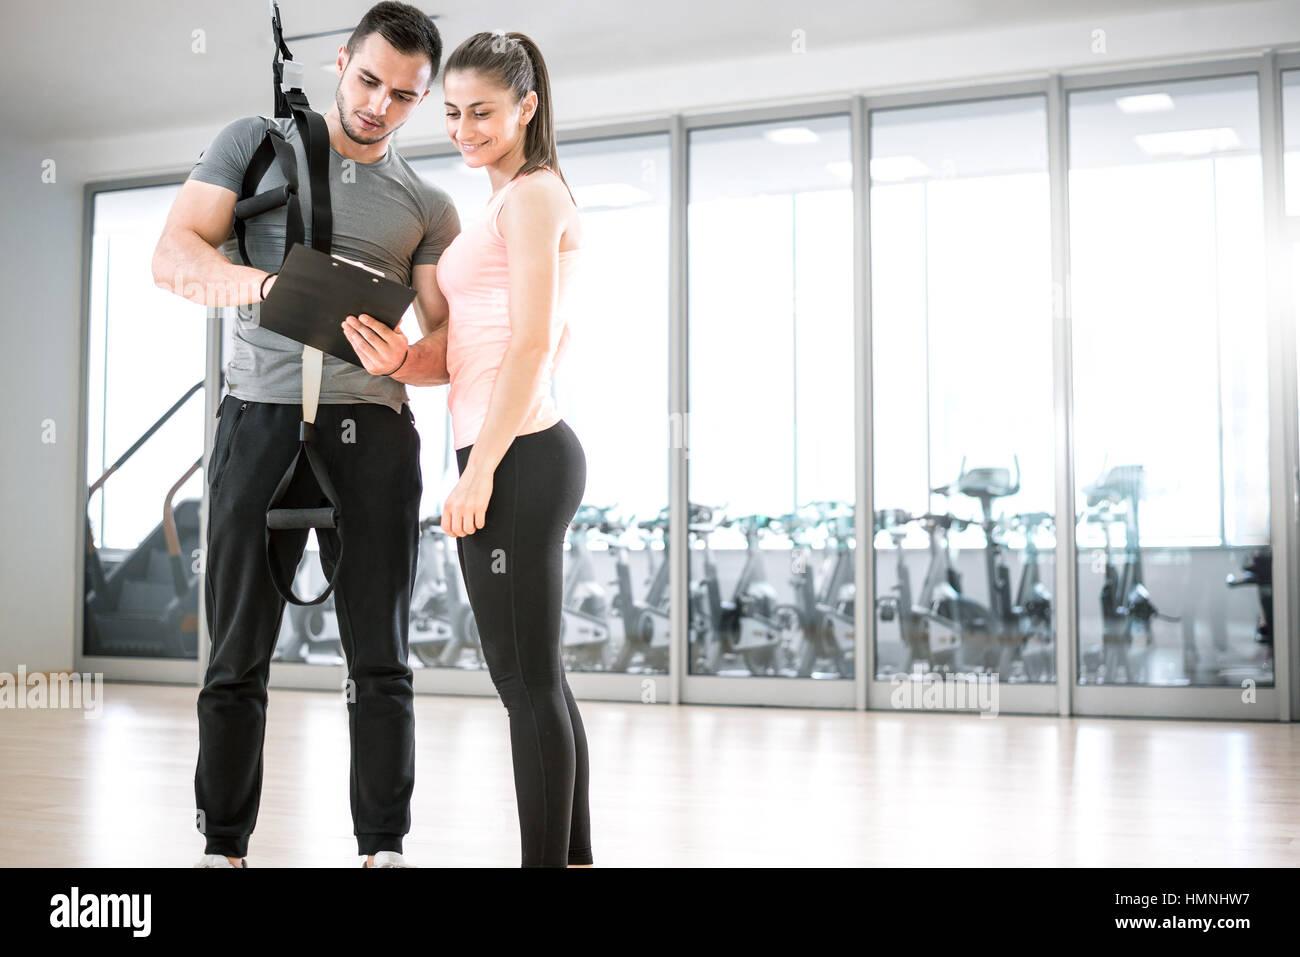 Persönlicher Trainer zeigt Ergebnis der Trainingsplan an seinen weiblichen jungen Klienten mit Aussetzung Seil Stockbild